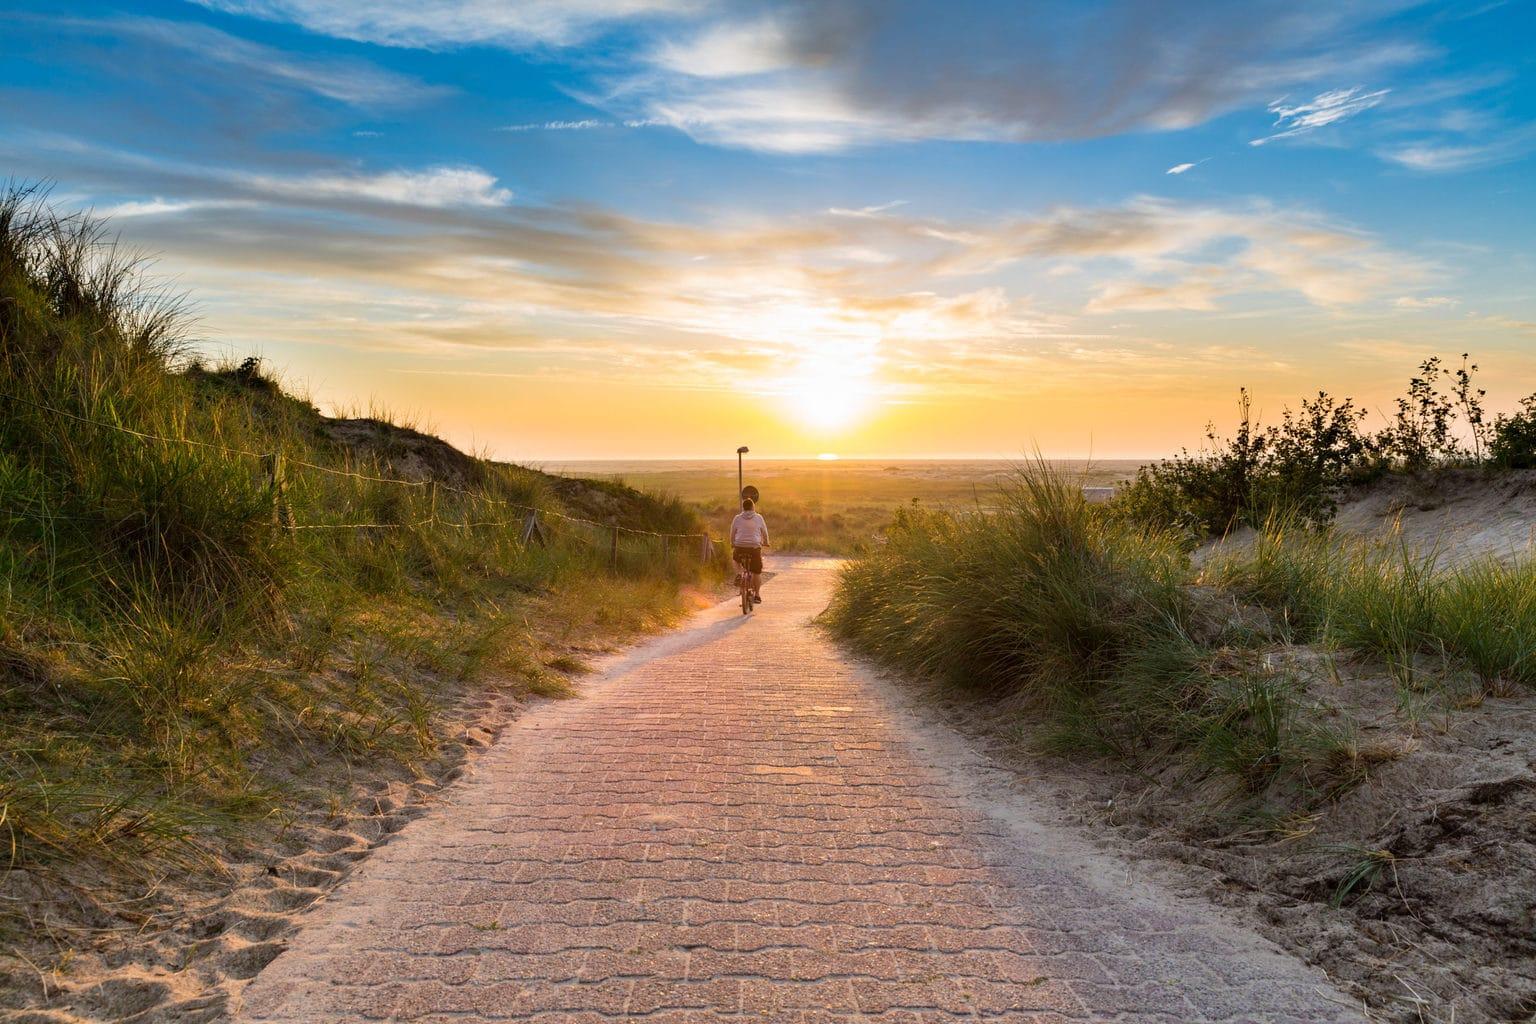 Fietser in de duinen op het eiland Borkum in Duitsland tijdens zonondergang